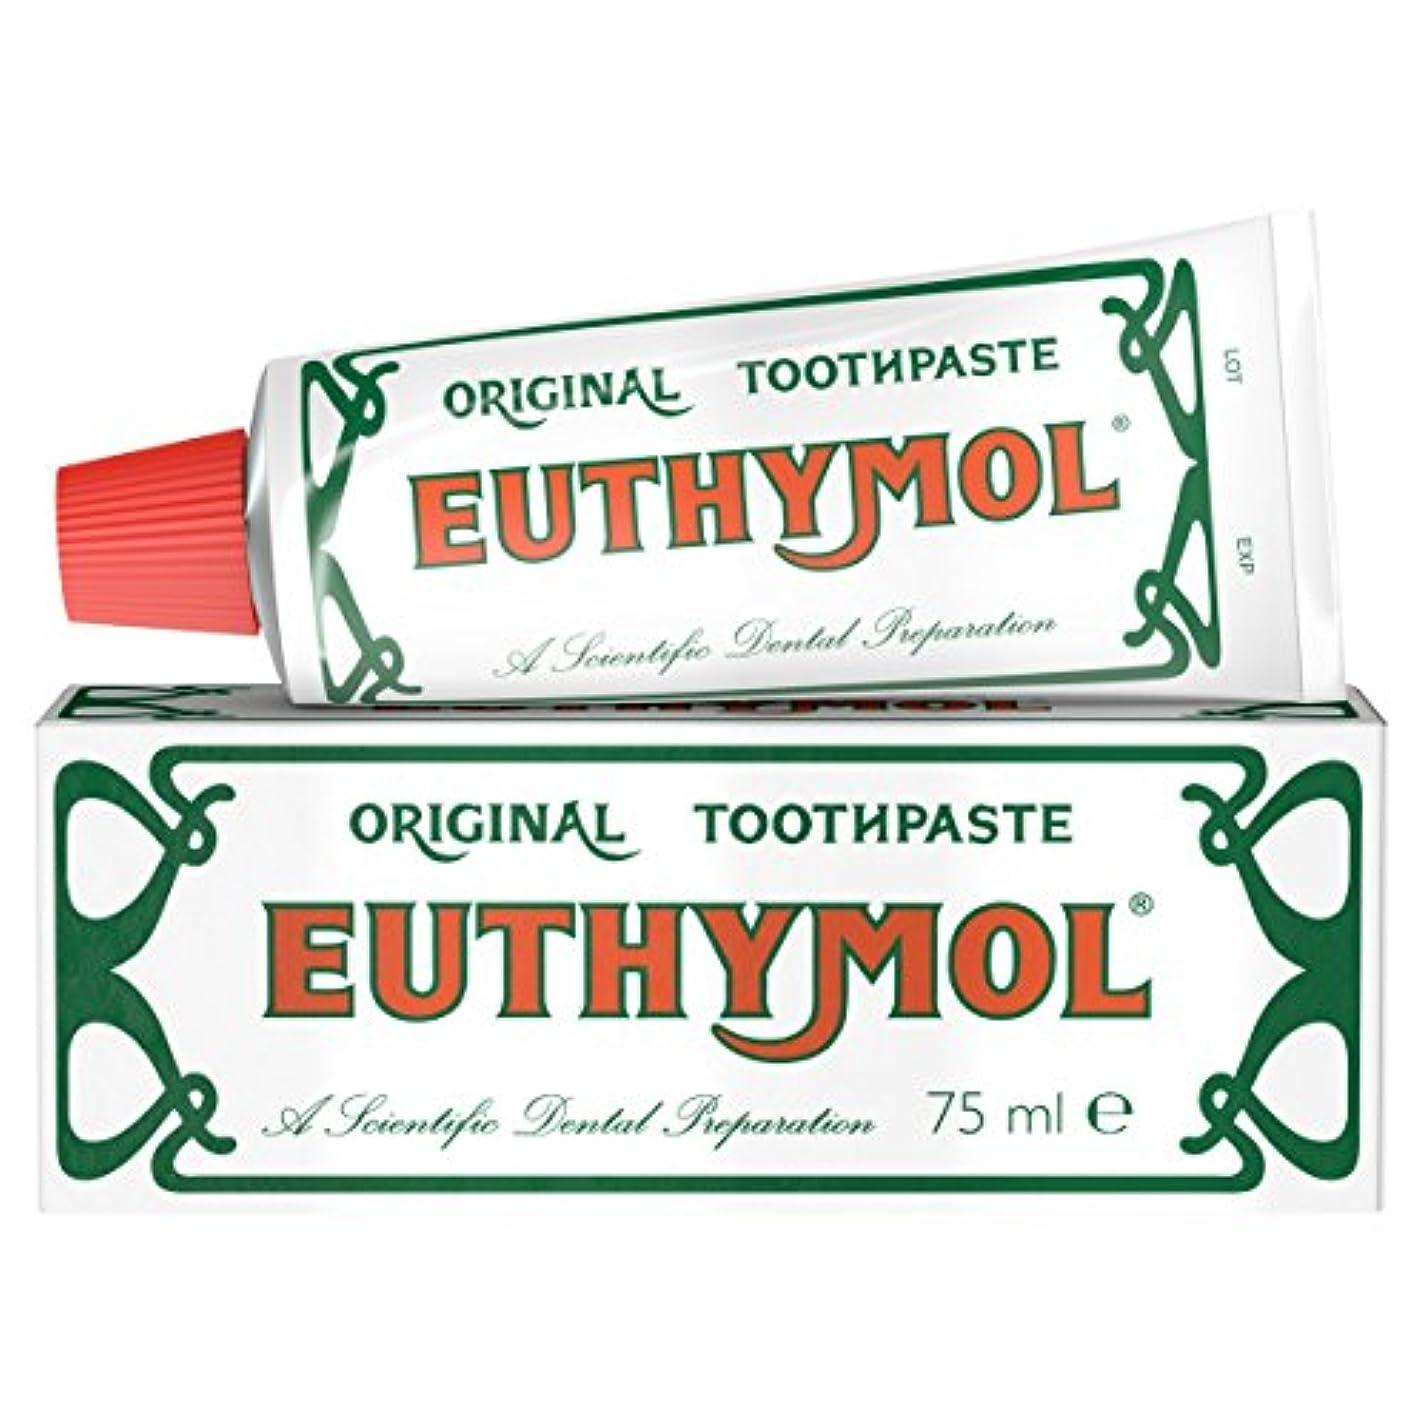 熱心な埋め込む転倒Euthymol オリジナル歯磨き粉 75ml 並行輸入品 Euthymol Original Toothpaste 75 Ml